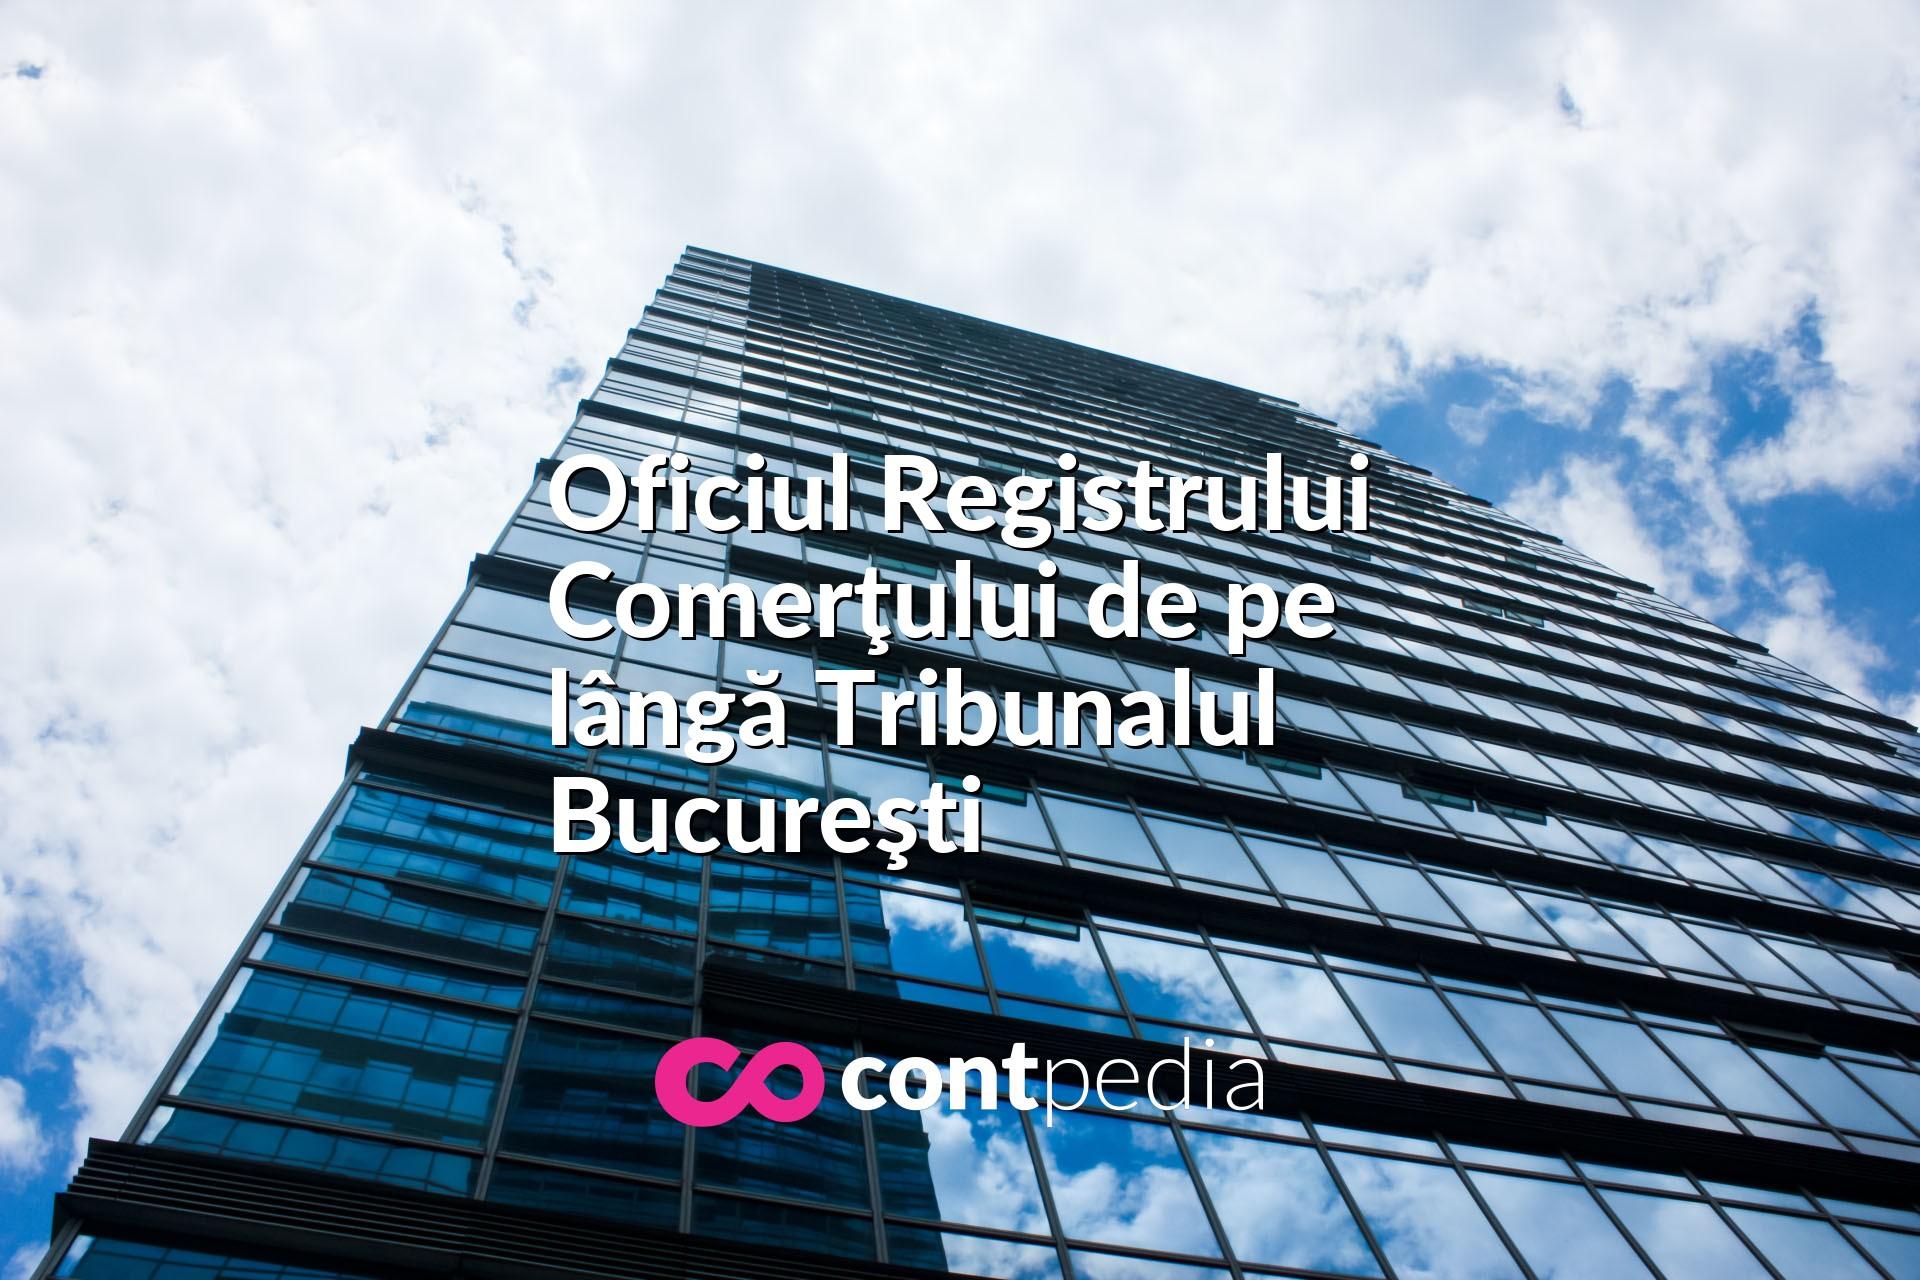 Onrc Registrul Comerţului Bucuresti Harta Adresa Telefon